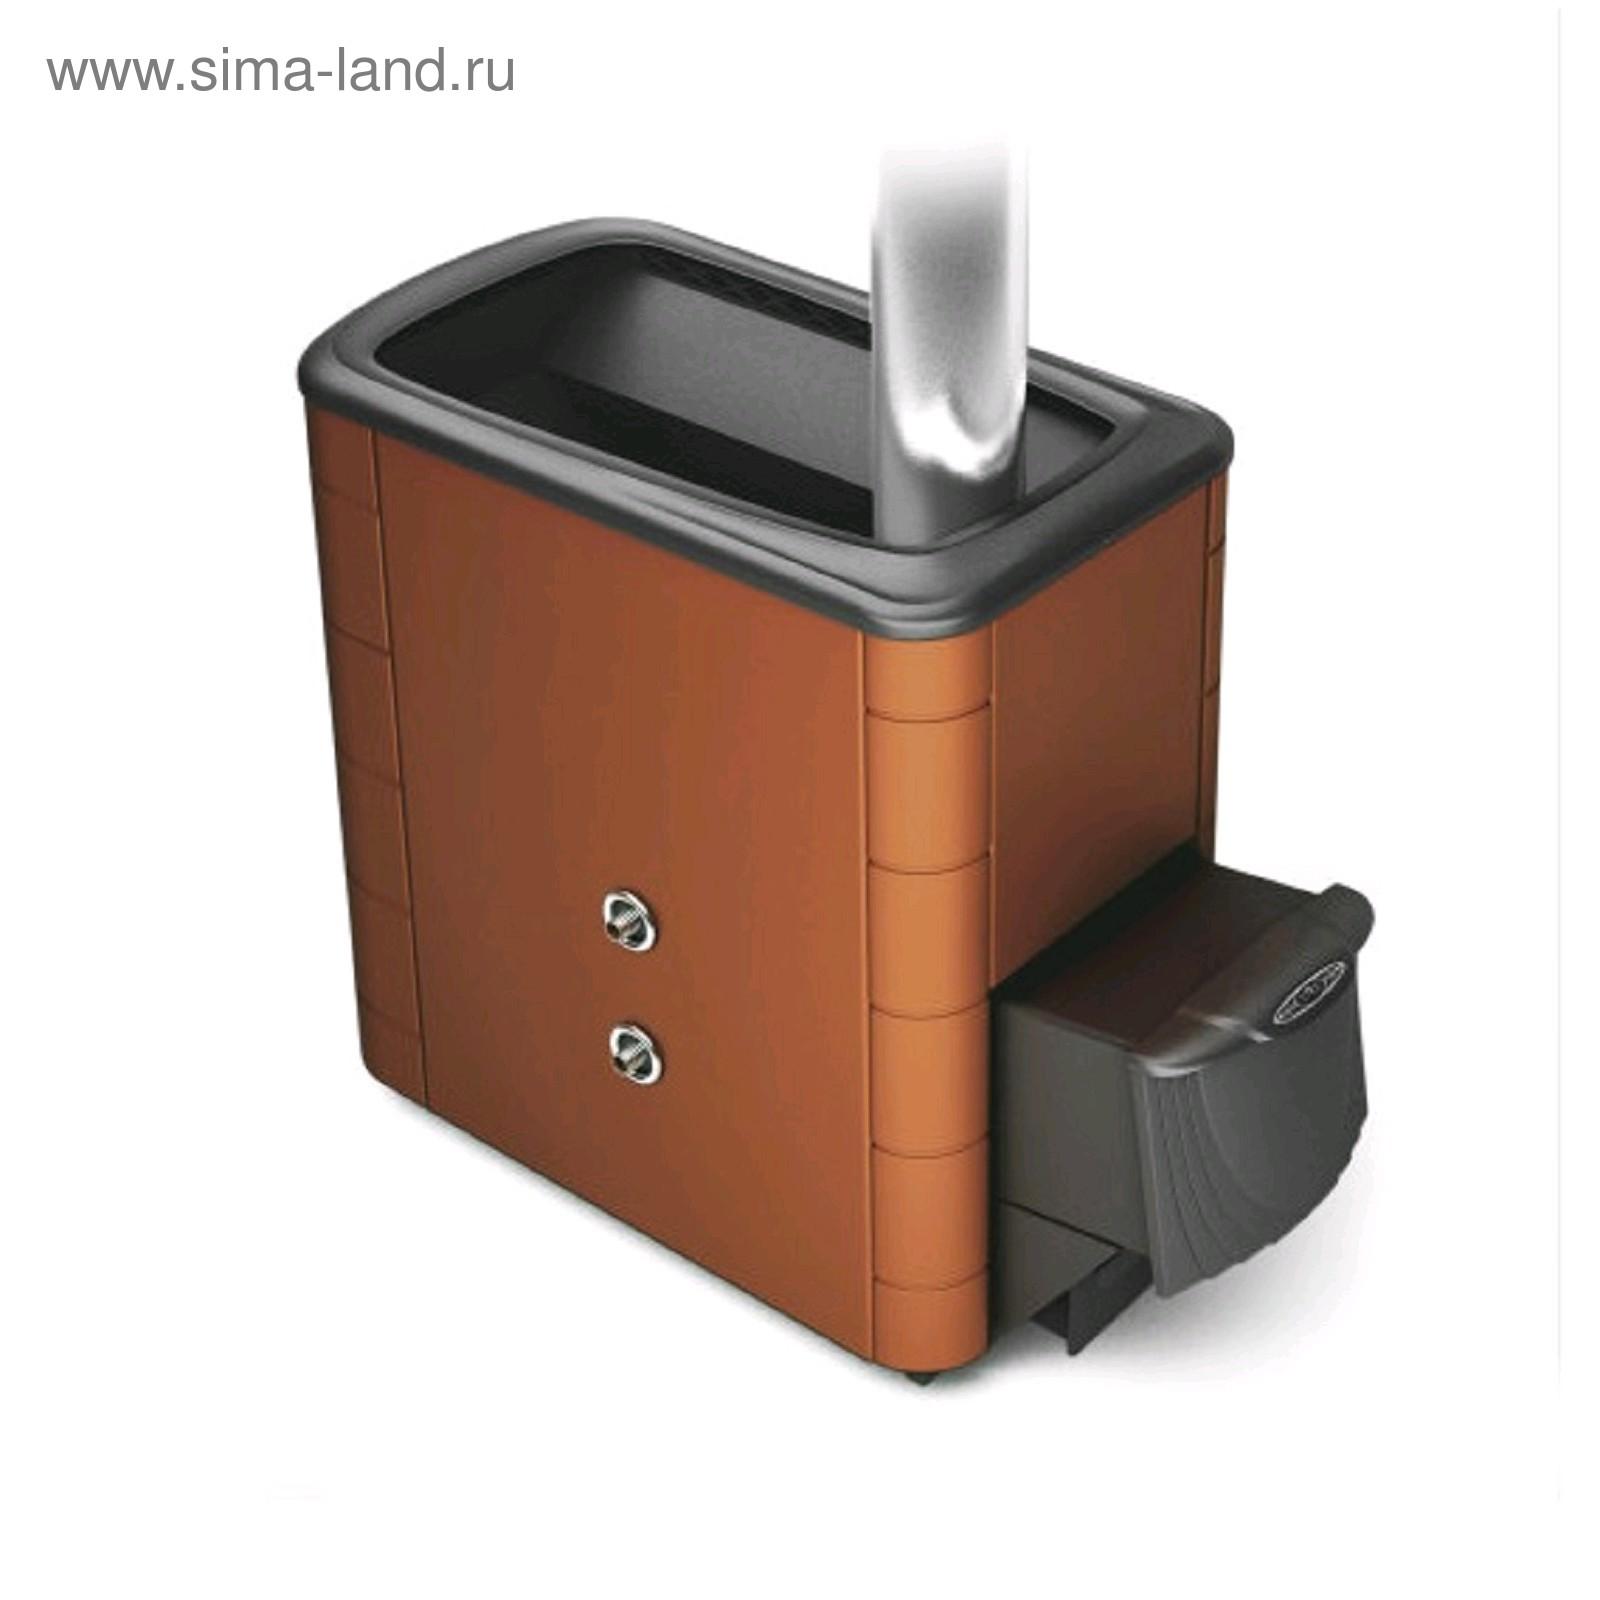 Печи для бани с теплообменником тунгуска теплообменник схематически